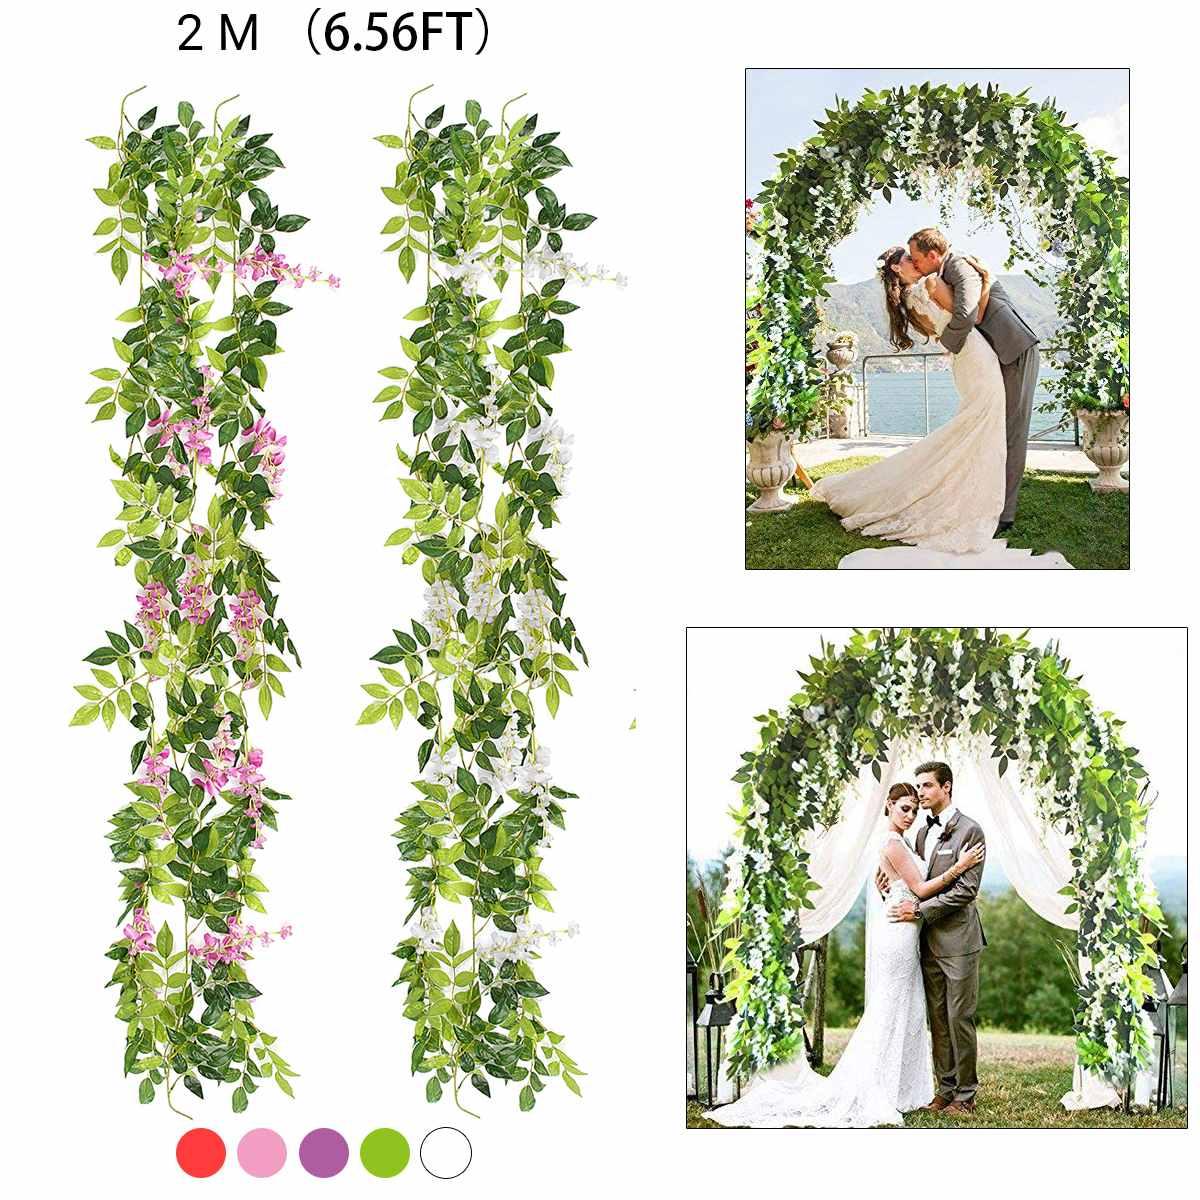 2m glicina flores artificiales, guirnalda de enredadera, decoración del arco de la boda, plantas falsas, follaje de ratán, flores de imitación, pared de hiedra